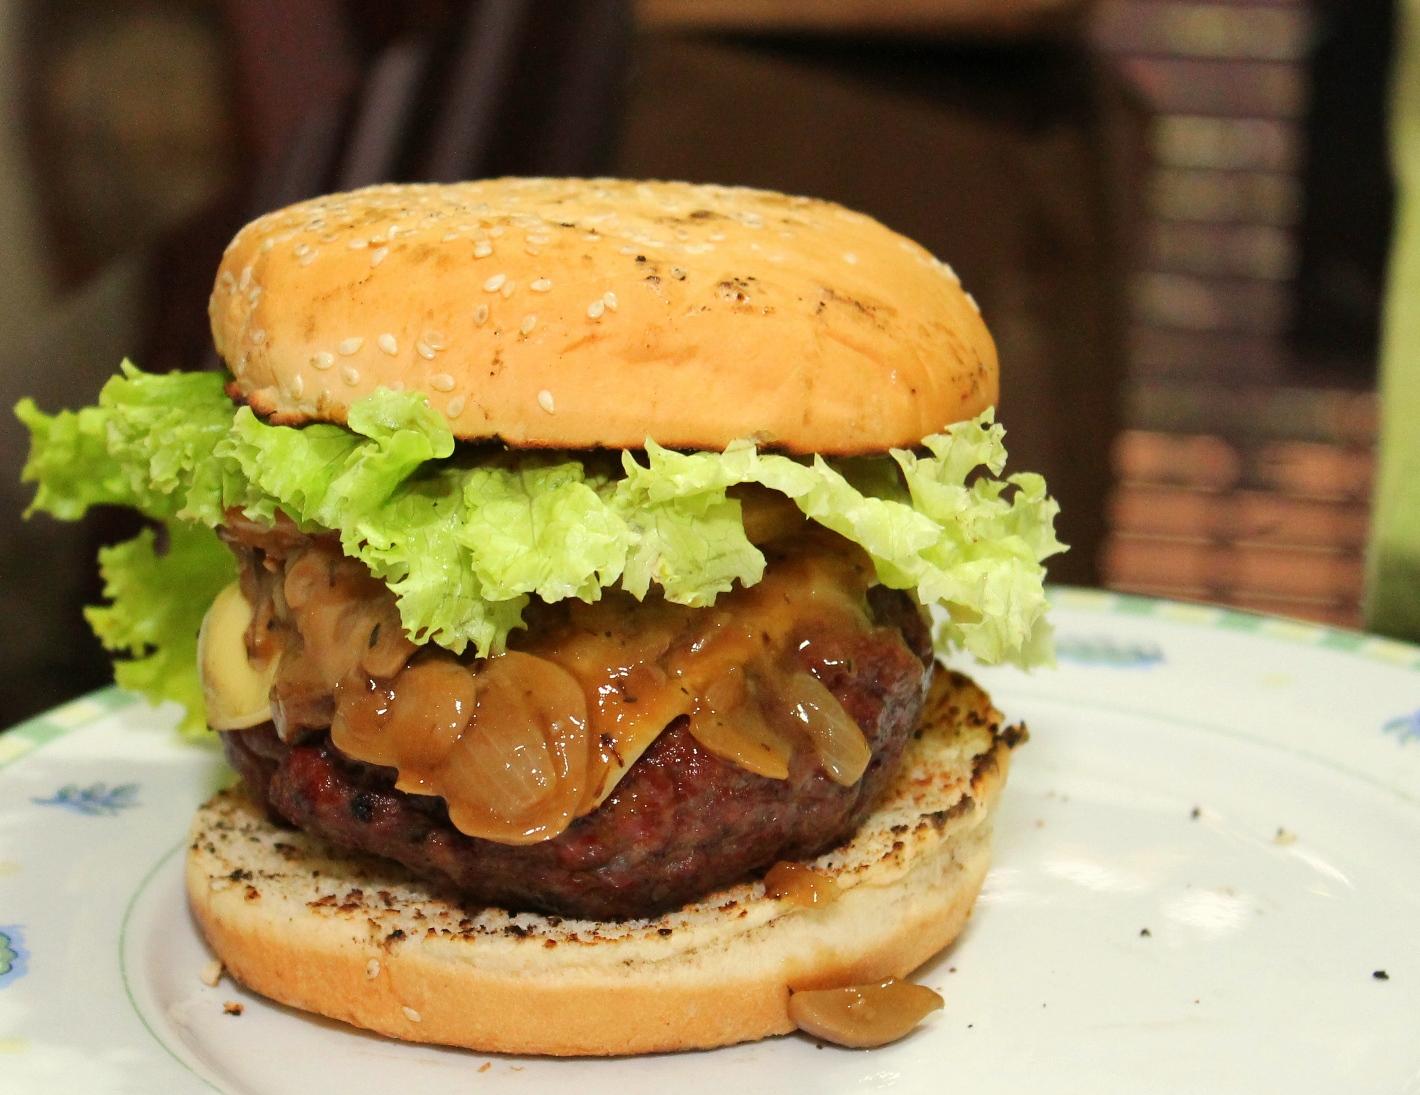 (Receta) Hamburguesa con salsa de cerveza negra y hongos